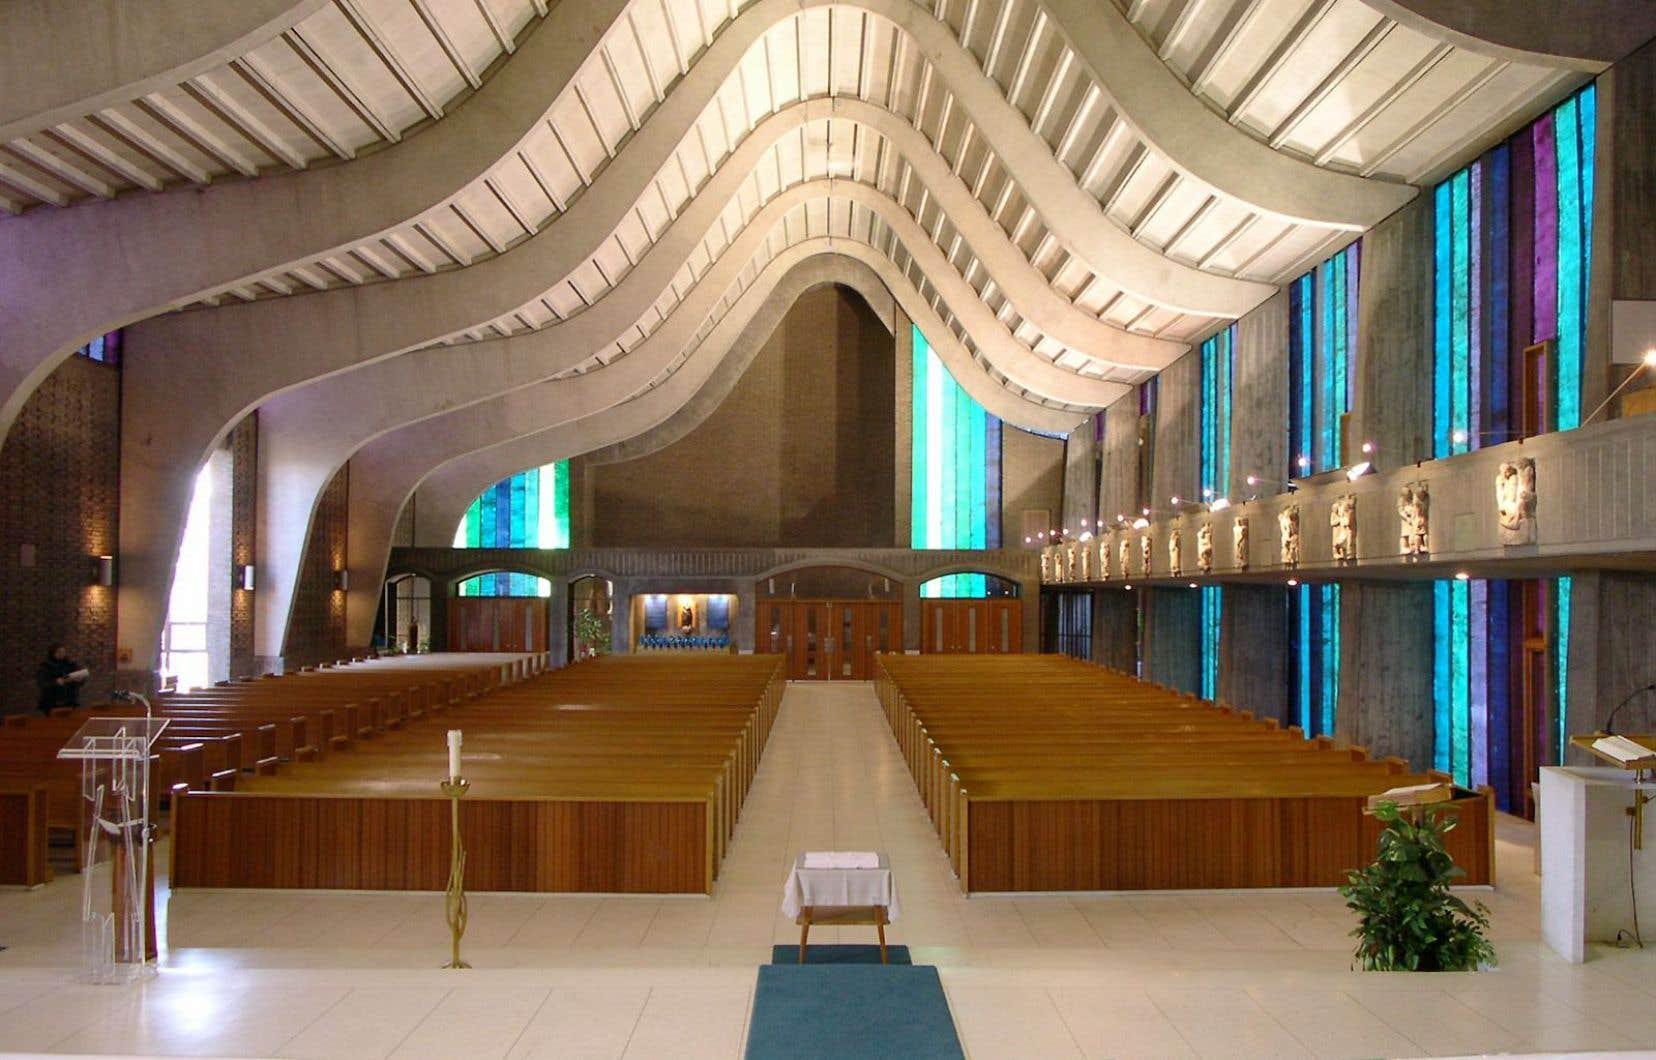 En décembre, la fabrique a vidé l'église et vendu le mobilier et les objets qui s'y trouvaient.